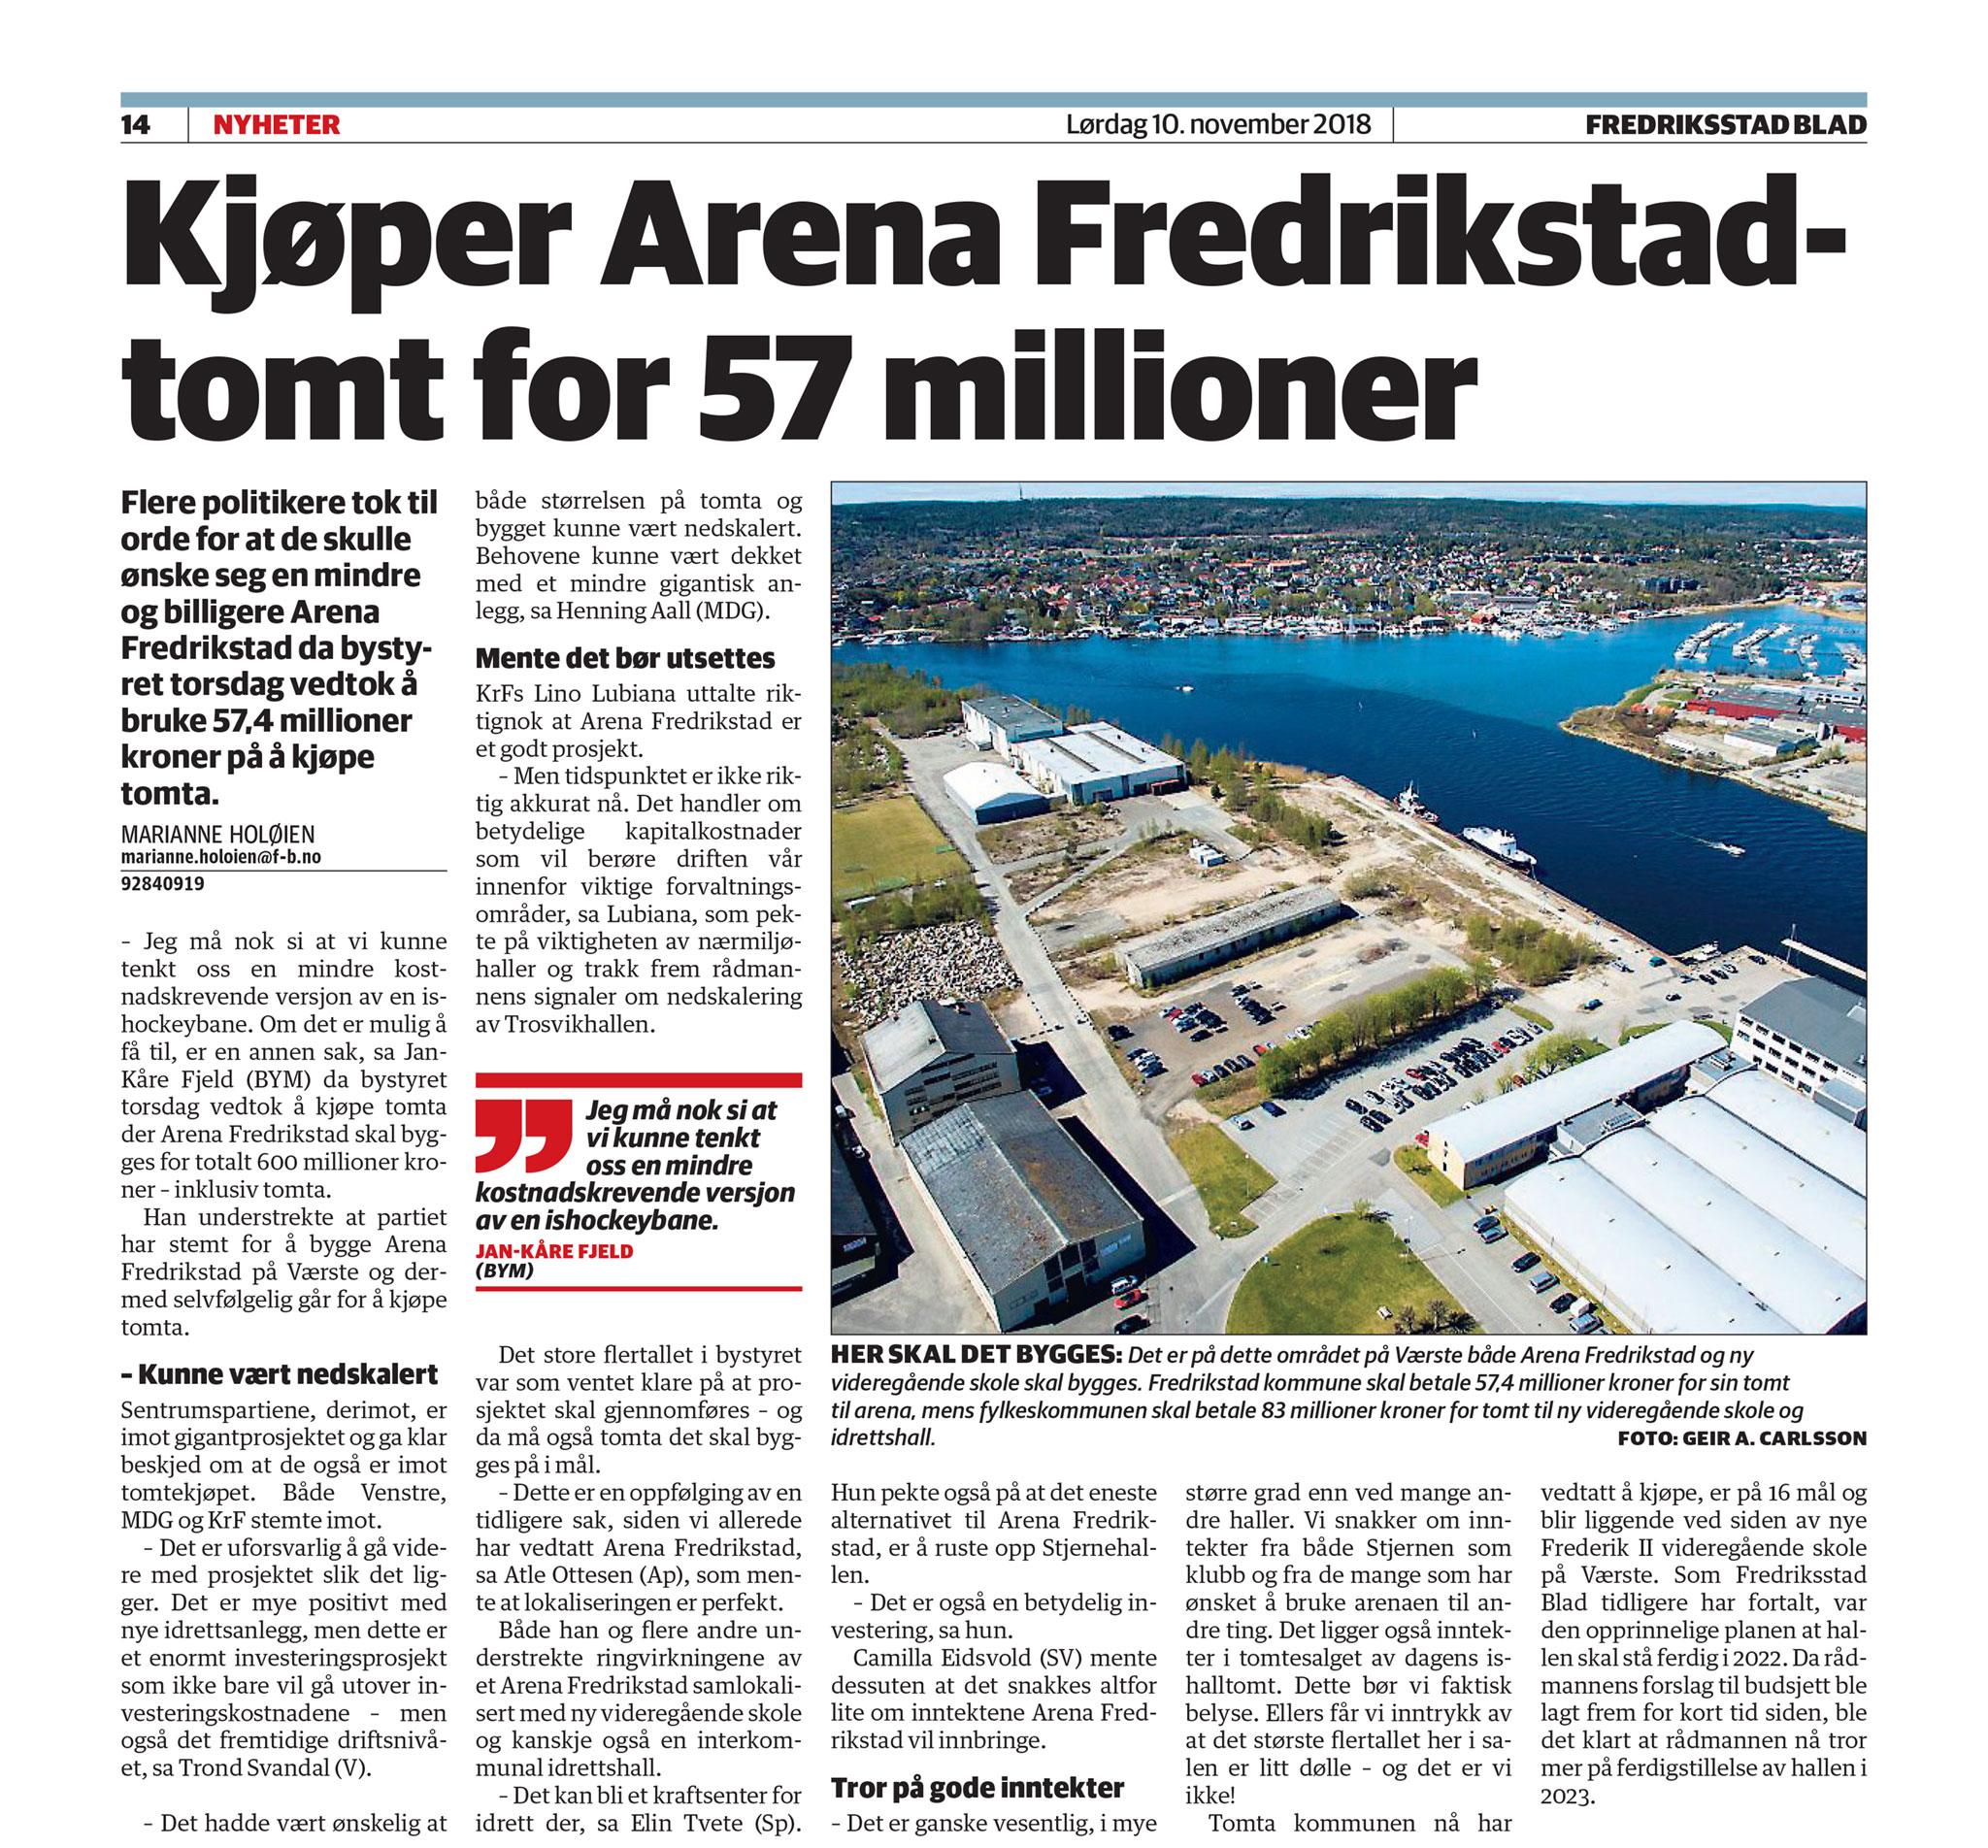 2018-11-10-FB,-Kjøper-Arena-Fredrikstad-tomt-for-57-millioner.jpg